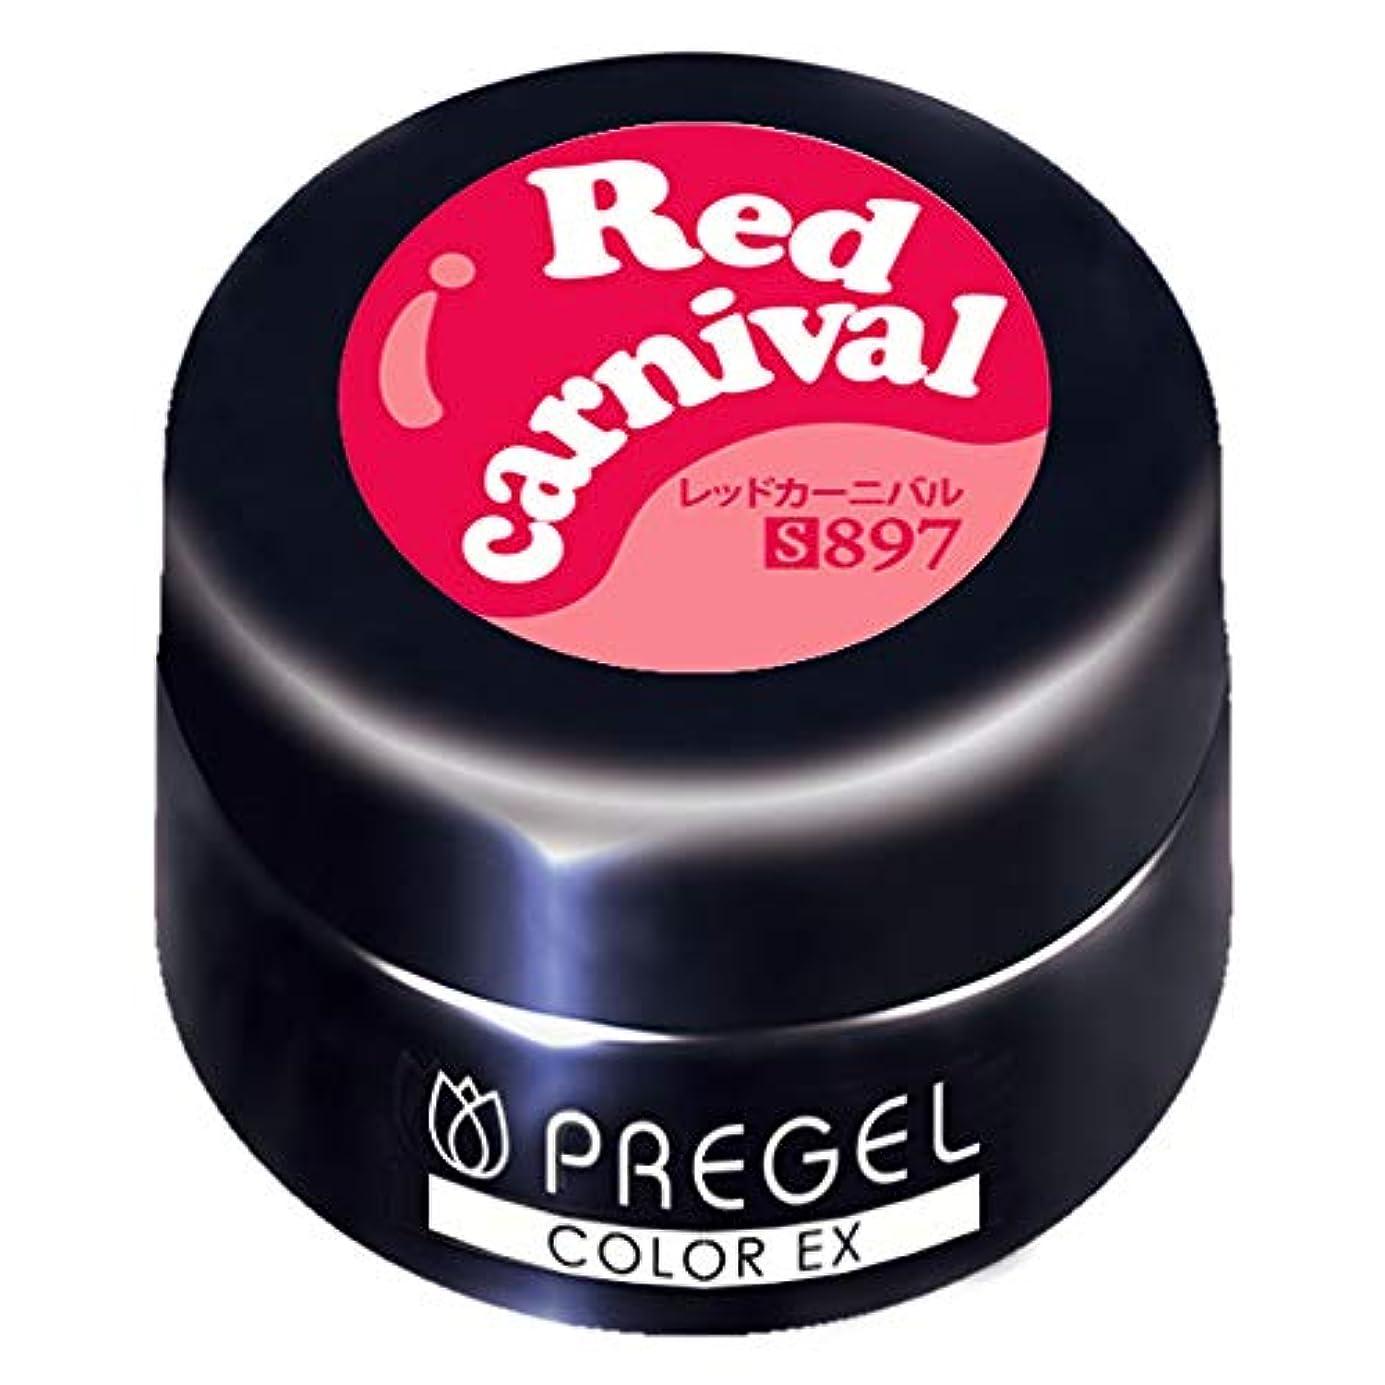 臭い受付矢じりPRE GEL カラーEX レッドカーニバル 3g PG-CE897